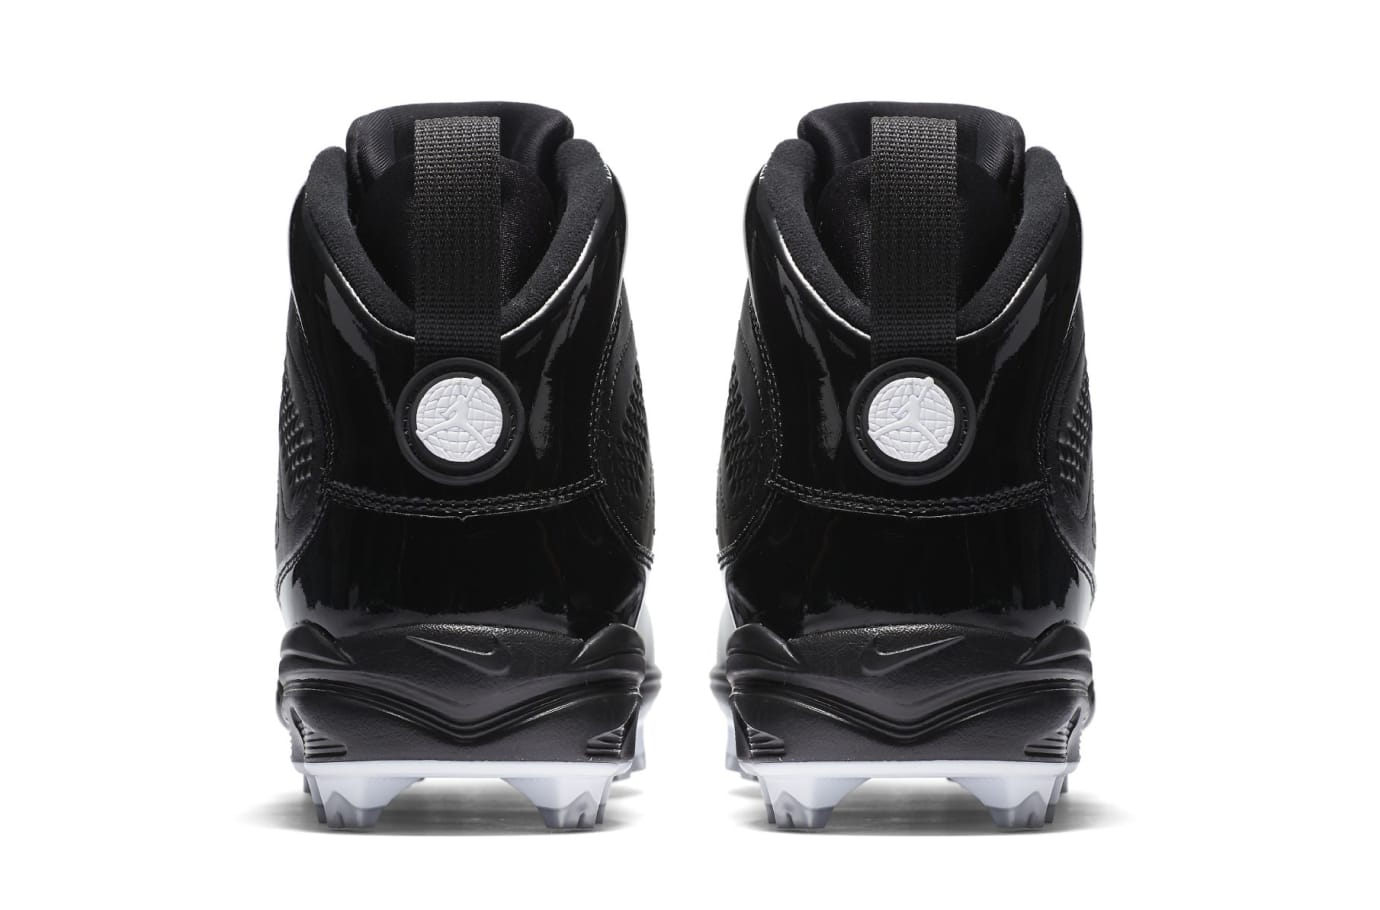 28f04dced ... Air Jordan 9 IX MCS Baseball Cleats Black Heel ...